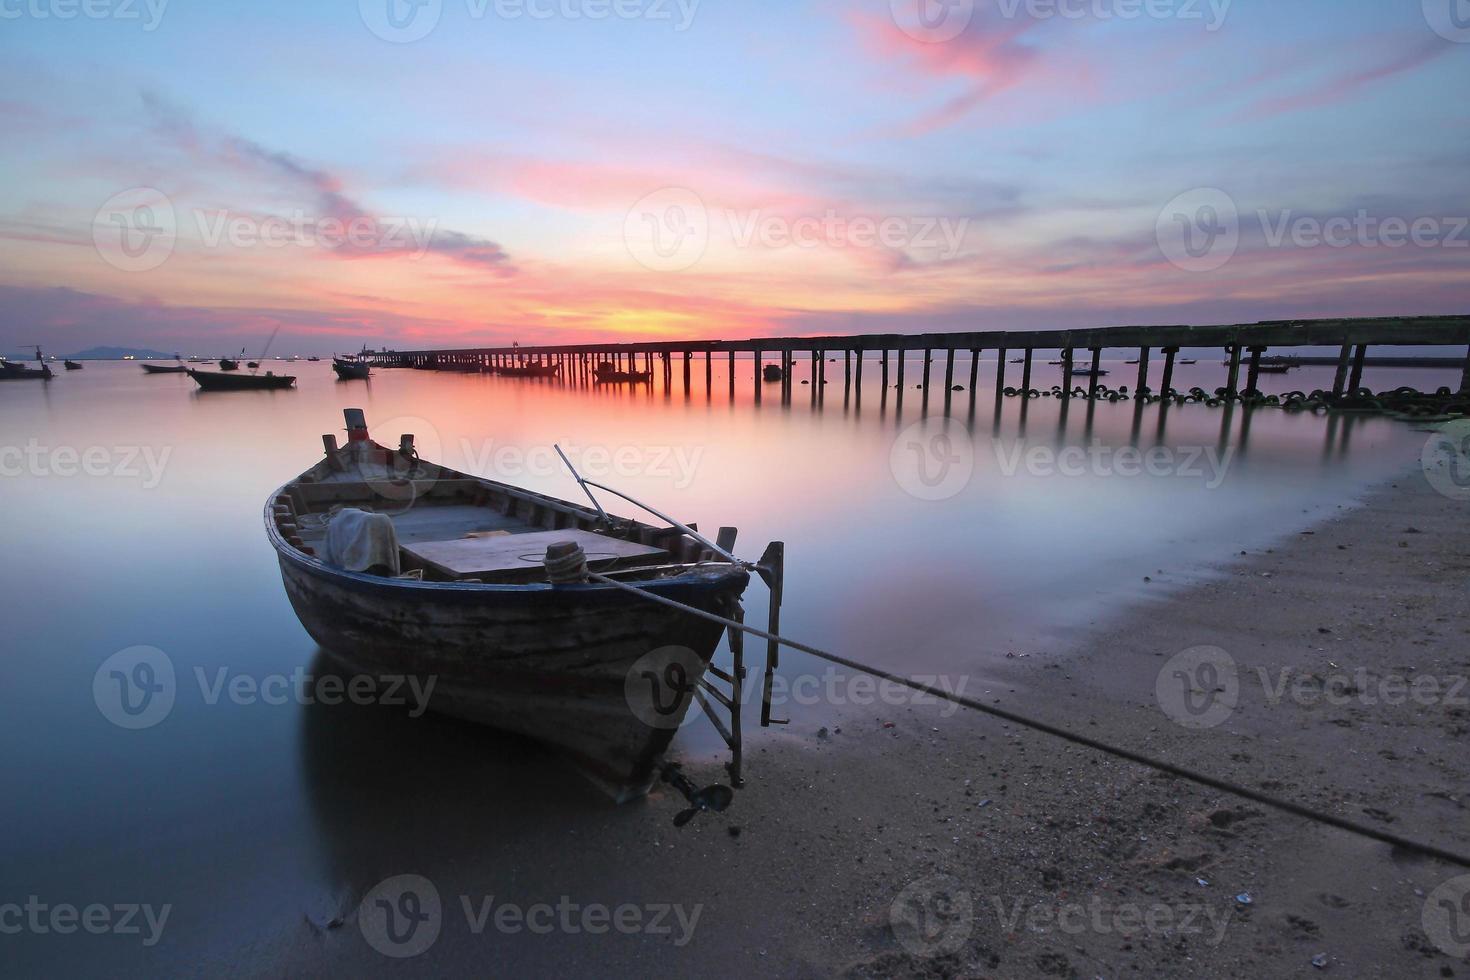 vissersboten foto